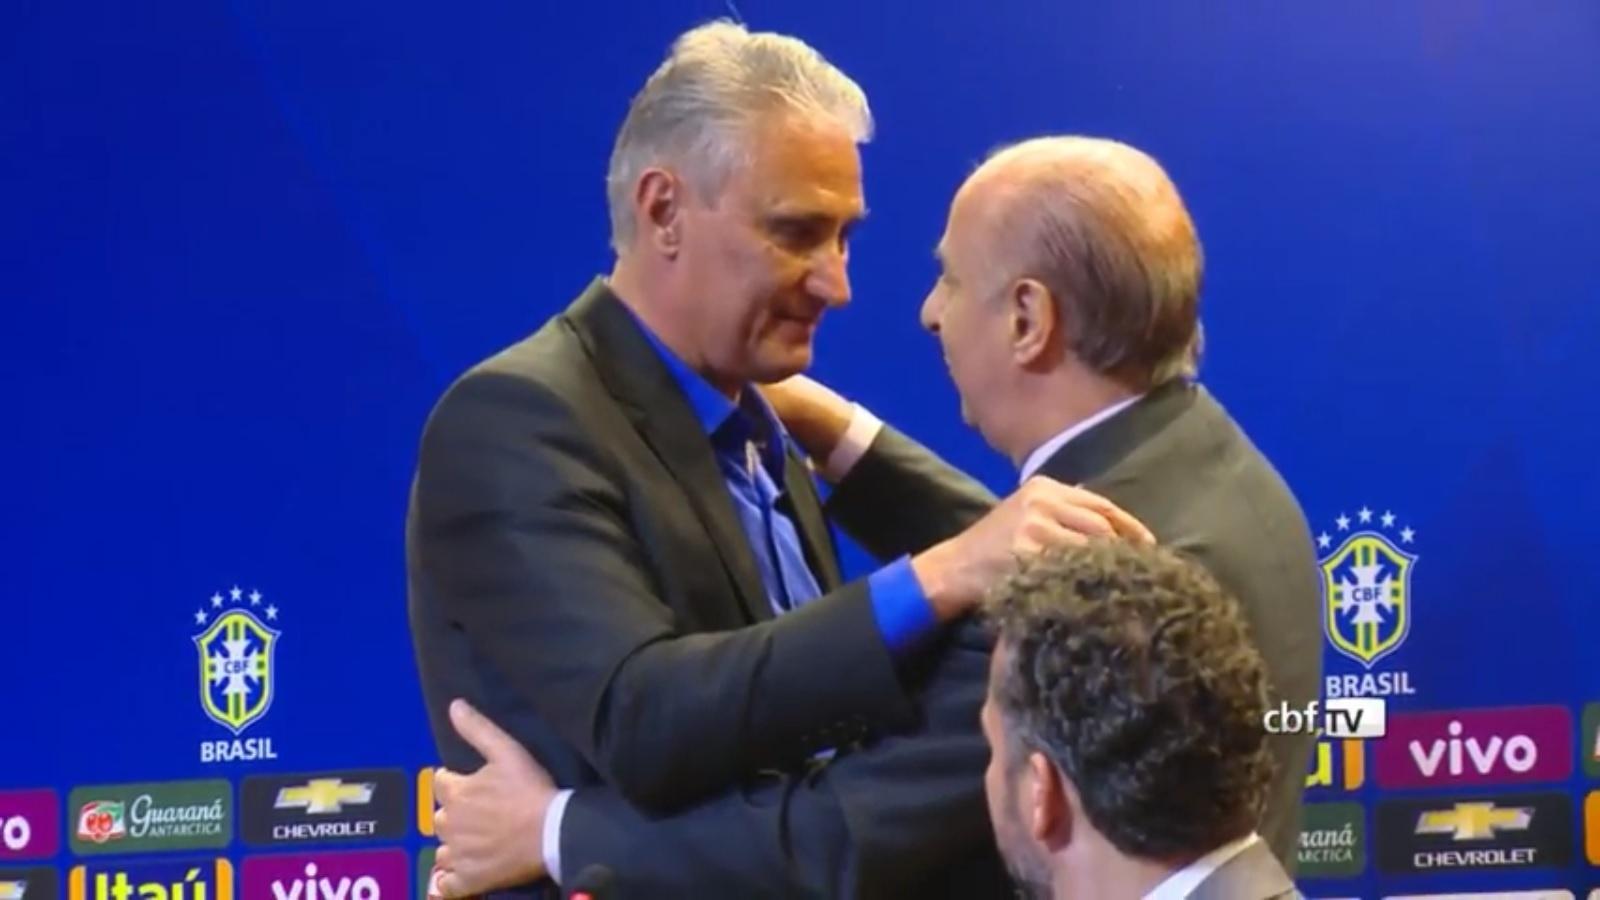 Tite abraça Marco Polo del Nero na apresentação na seleção brasileira